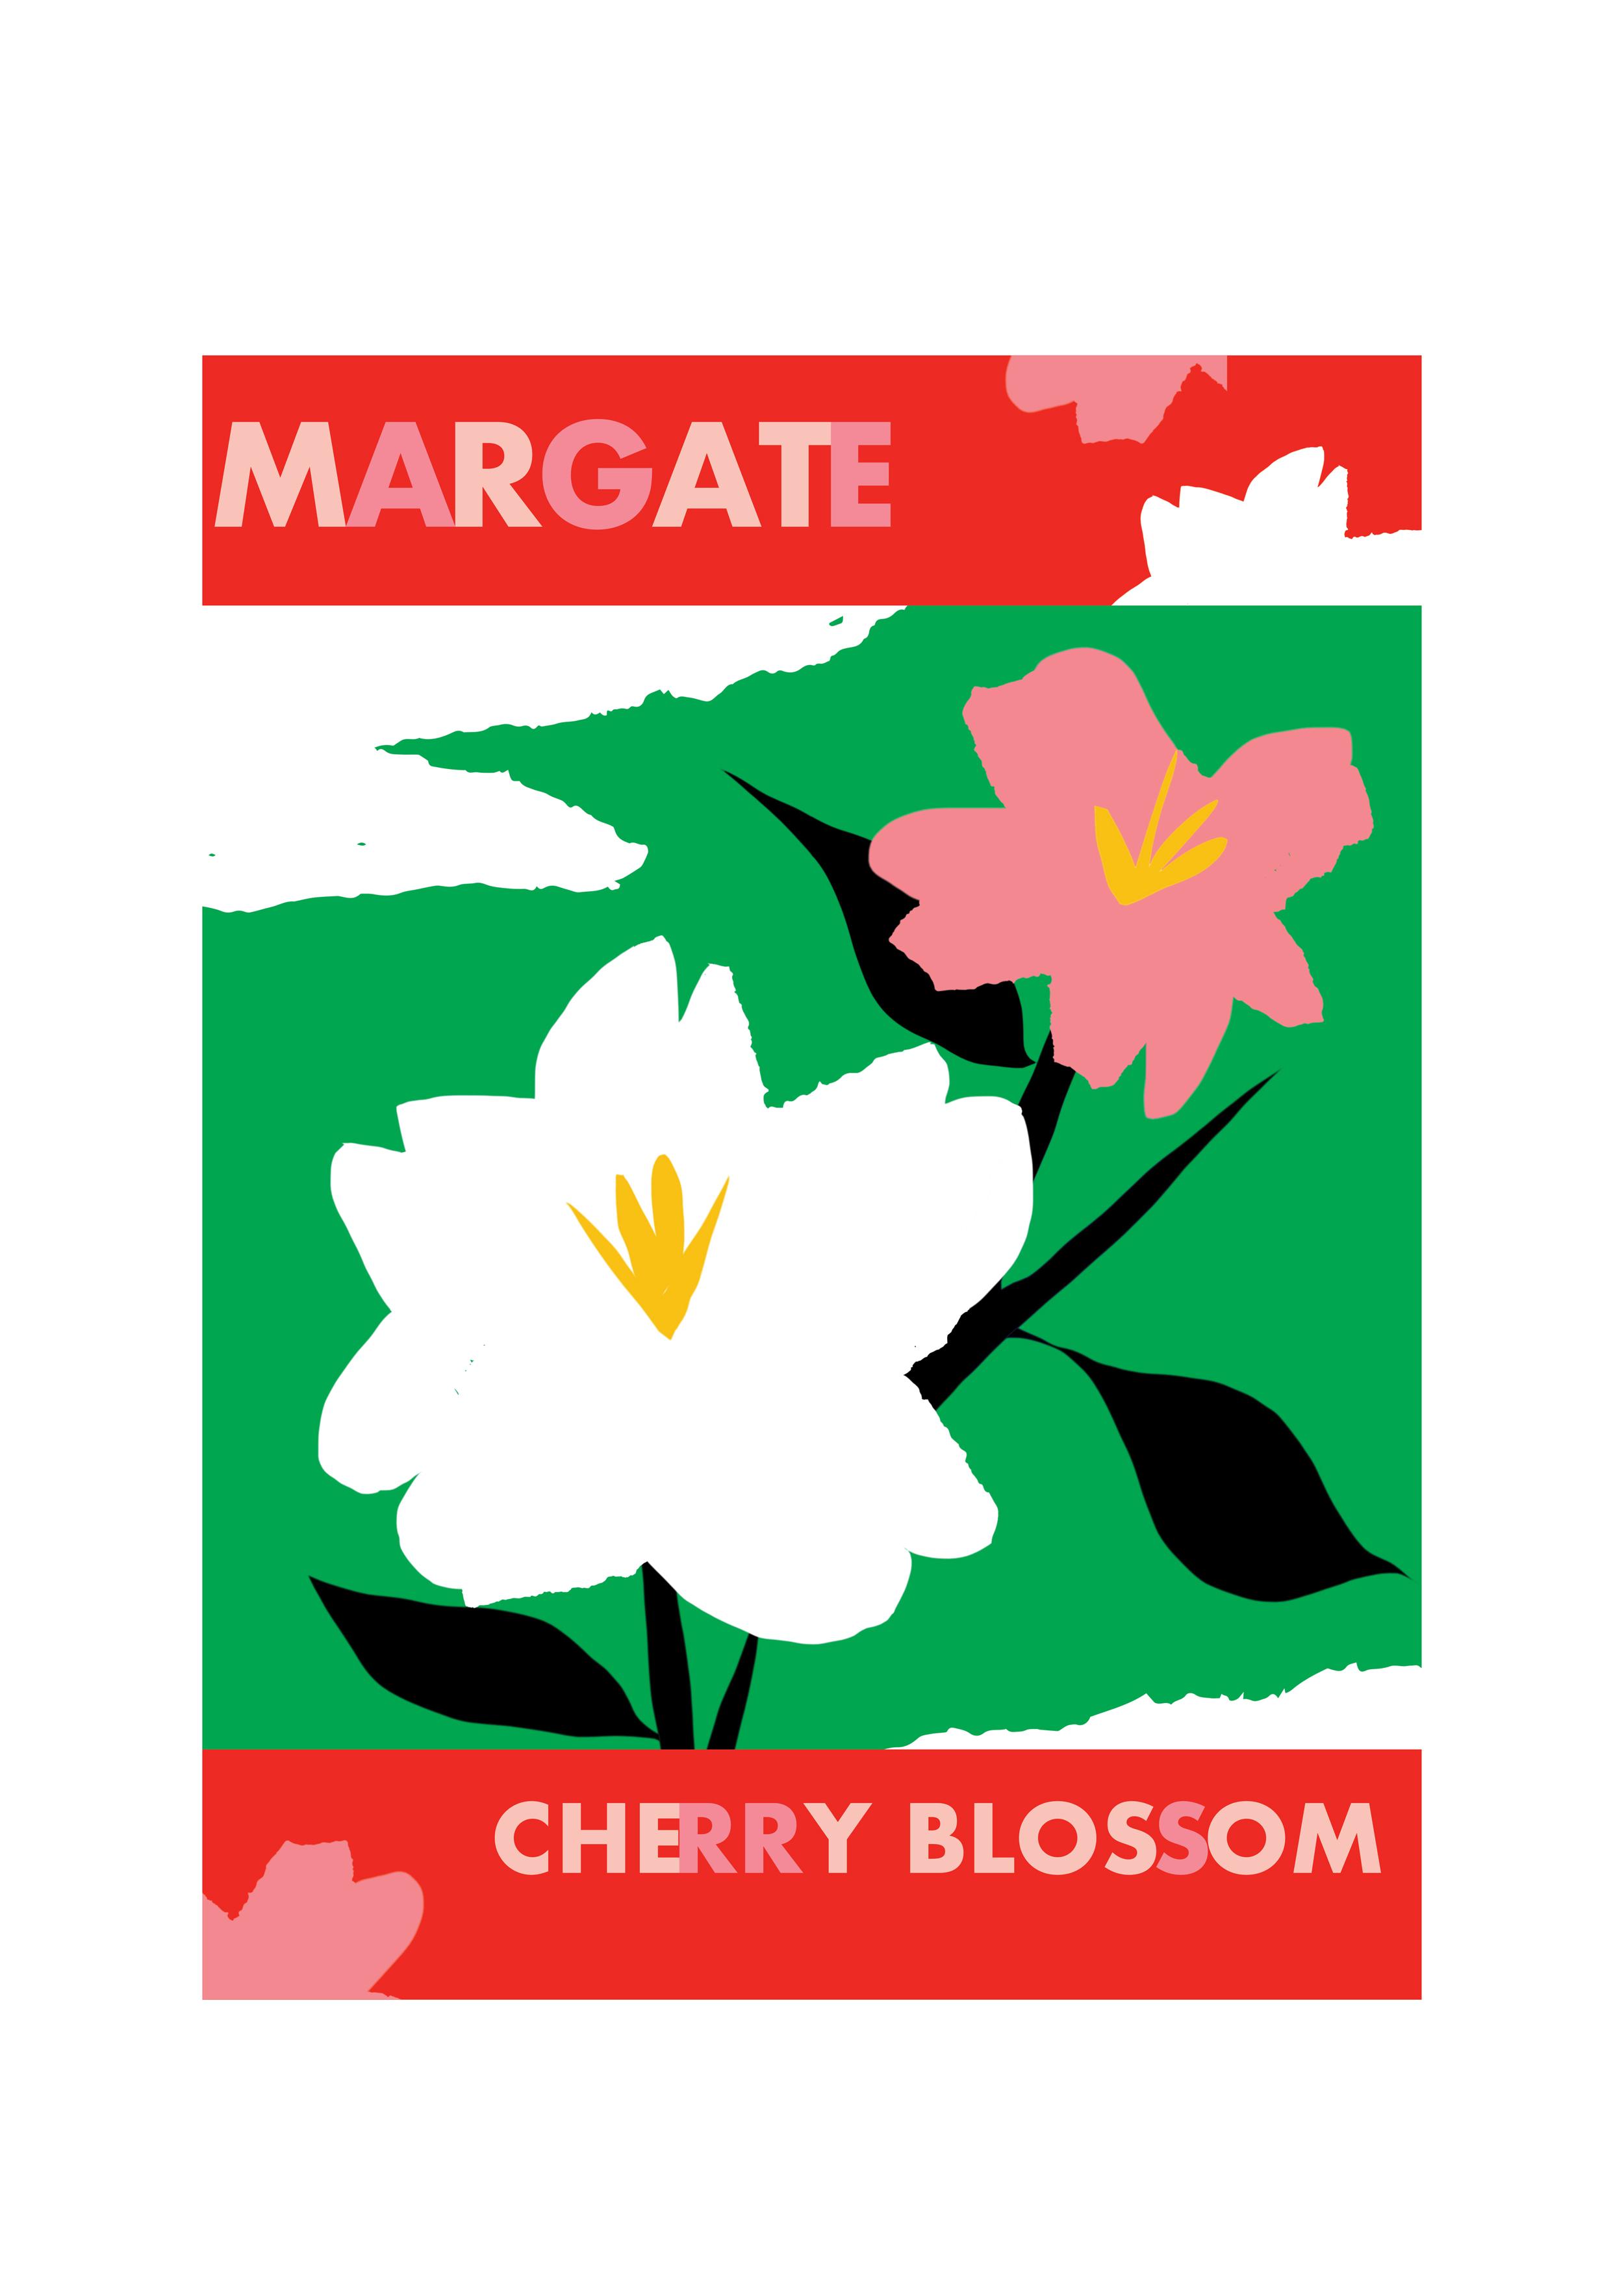 Grace Attlee, illustrator, cherry blossom, poster, margate, design, Grace, attlee